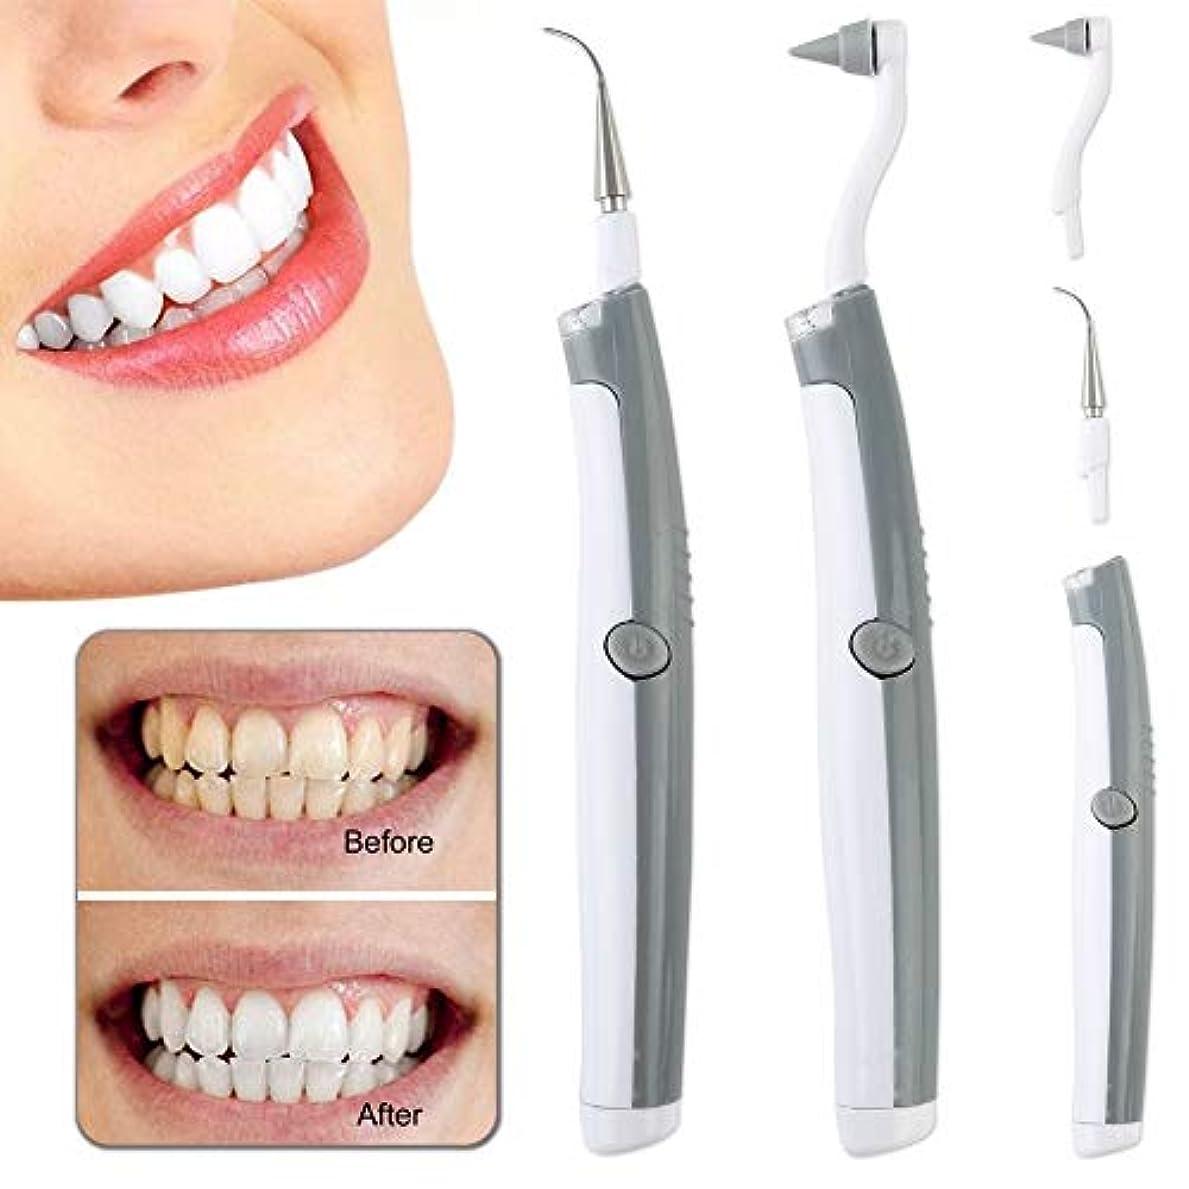 懺悔帽子サンプルSix-Bullotime 歯用ツール 電動 歯清潔 歯の消しゴム 多機能の電動のLED歯科用ツールキットオーラルケア 歯間クリーナー 歯磨き 歯石取り 口腔洗浄器 口臭防止